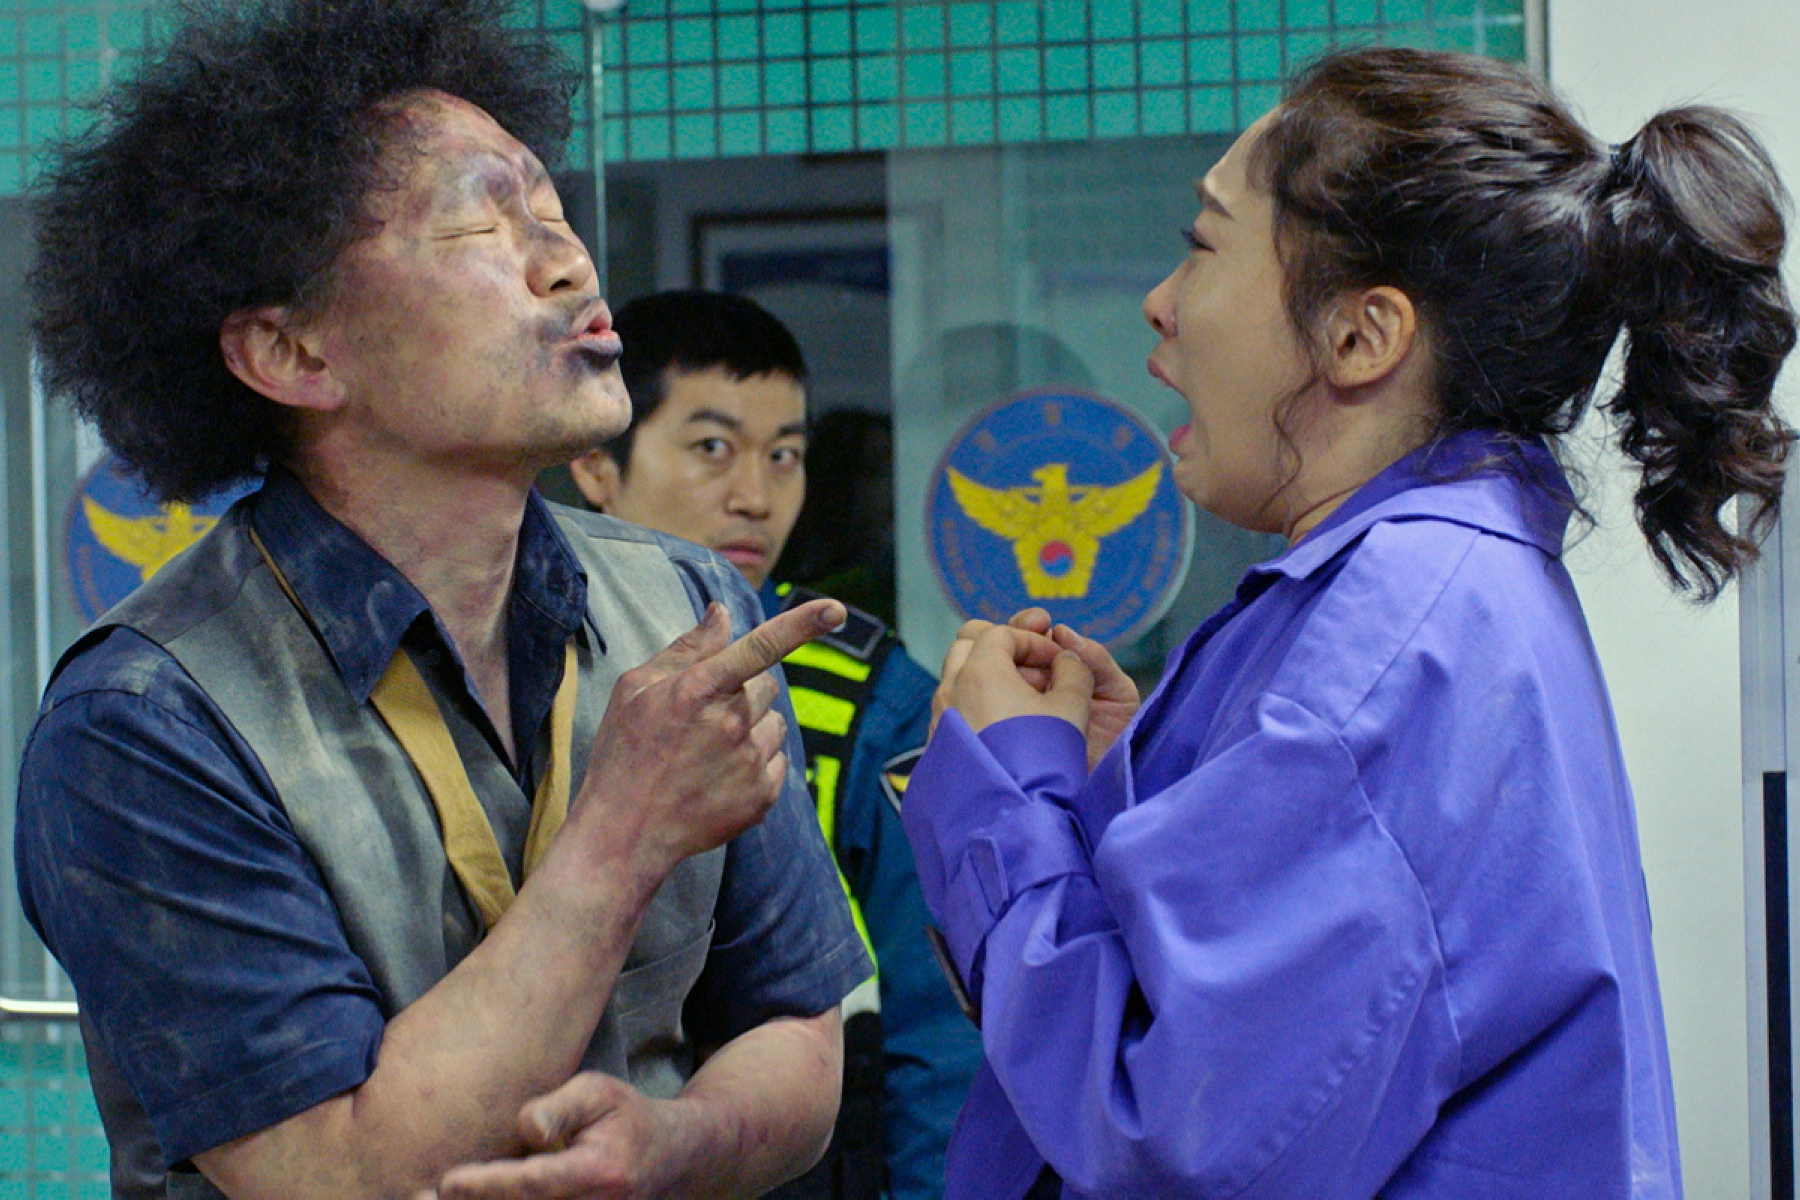 《老公不是人》嶄新科幻題材轟動影壇 爆笑好評席捲南韓